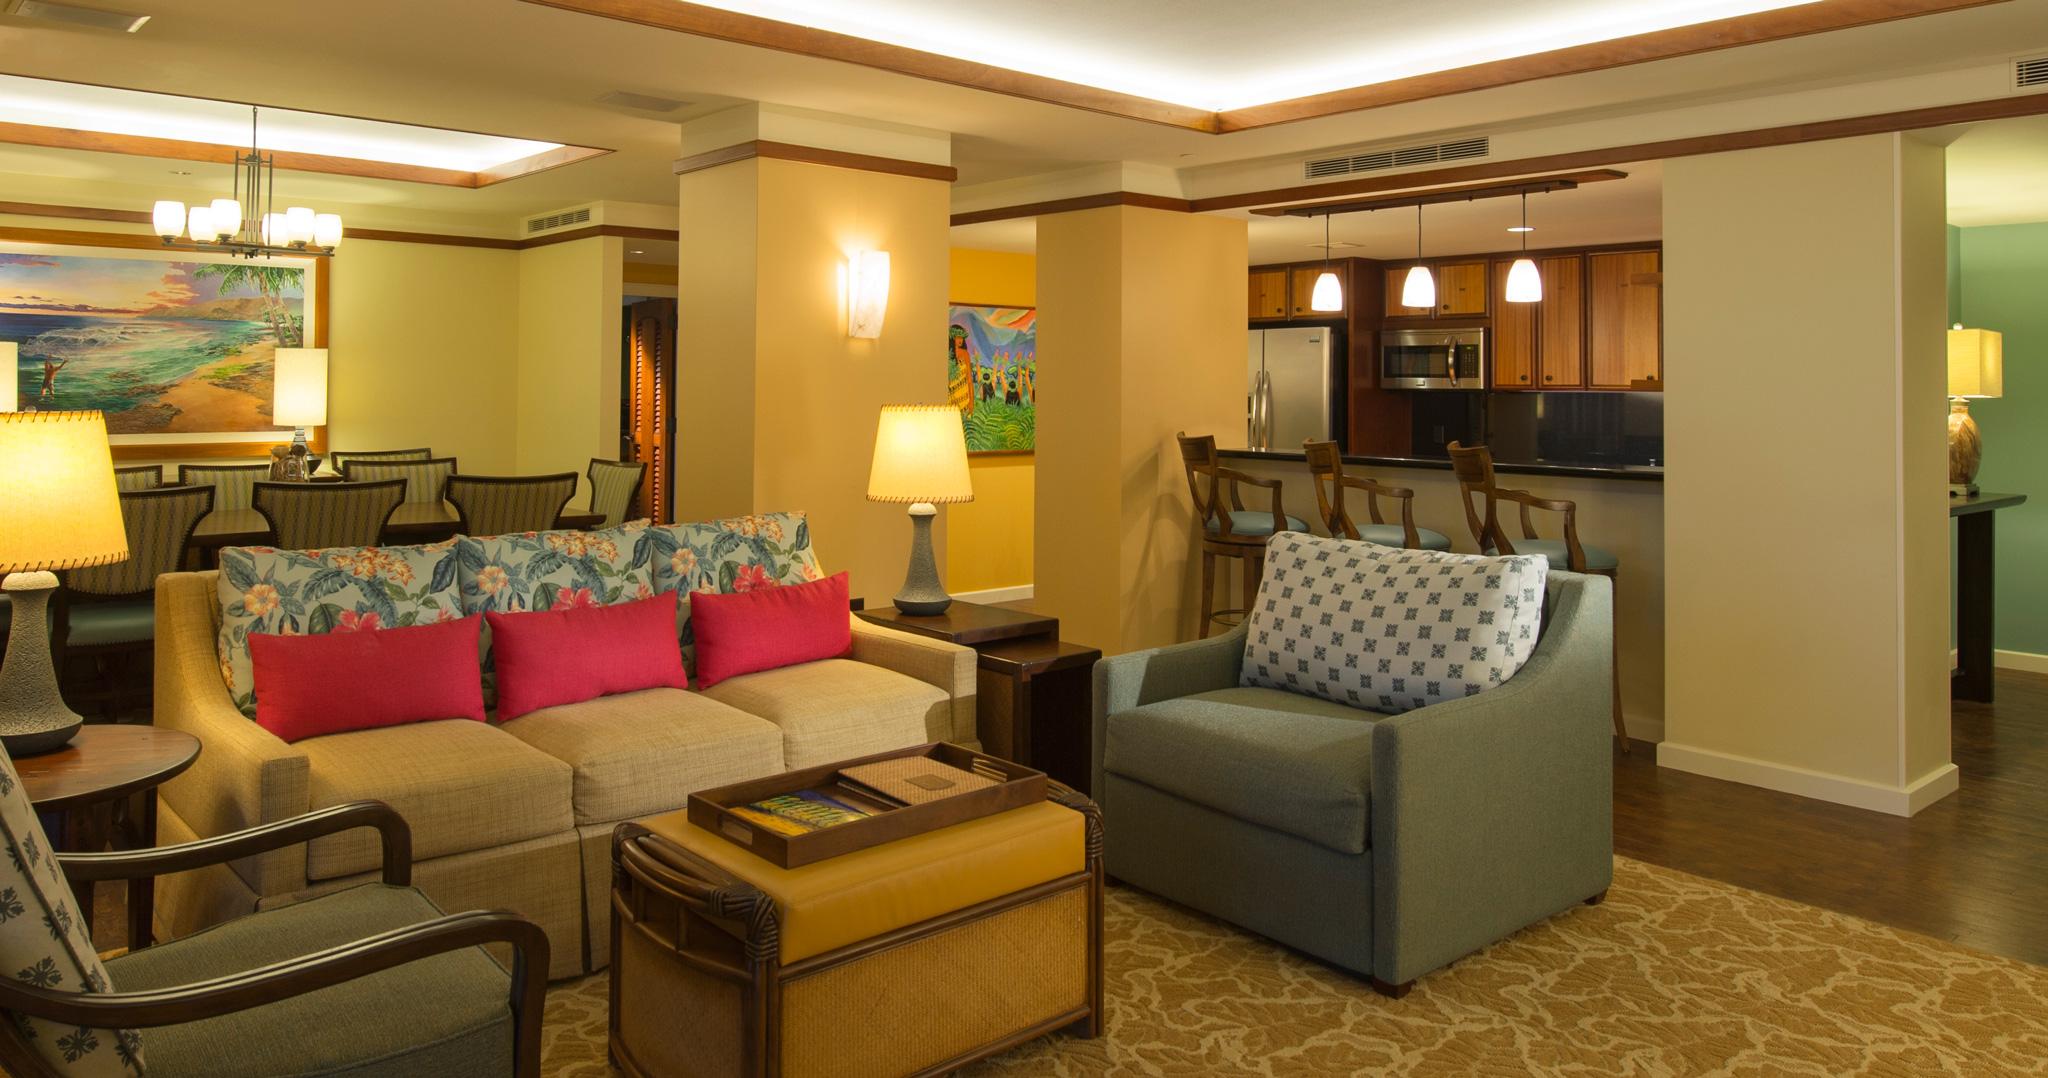 アウラニの 3 ベッドルーム・グランド・ヴィラのリビングエリアとバルコニー